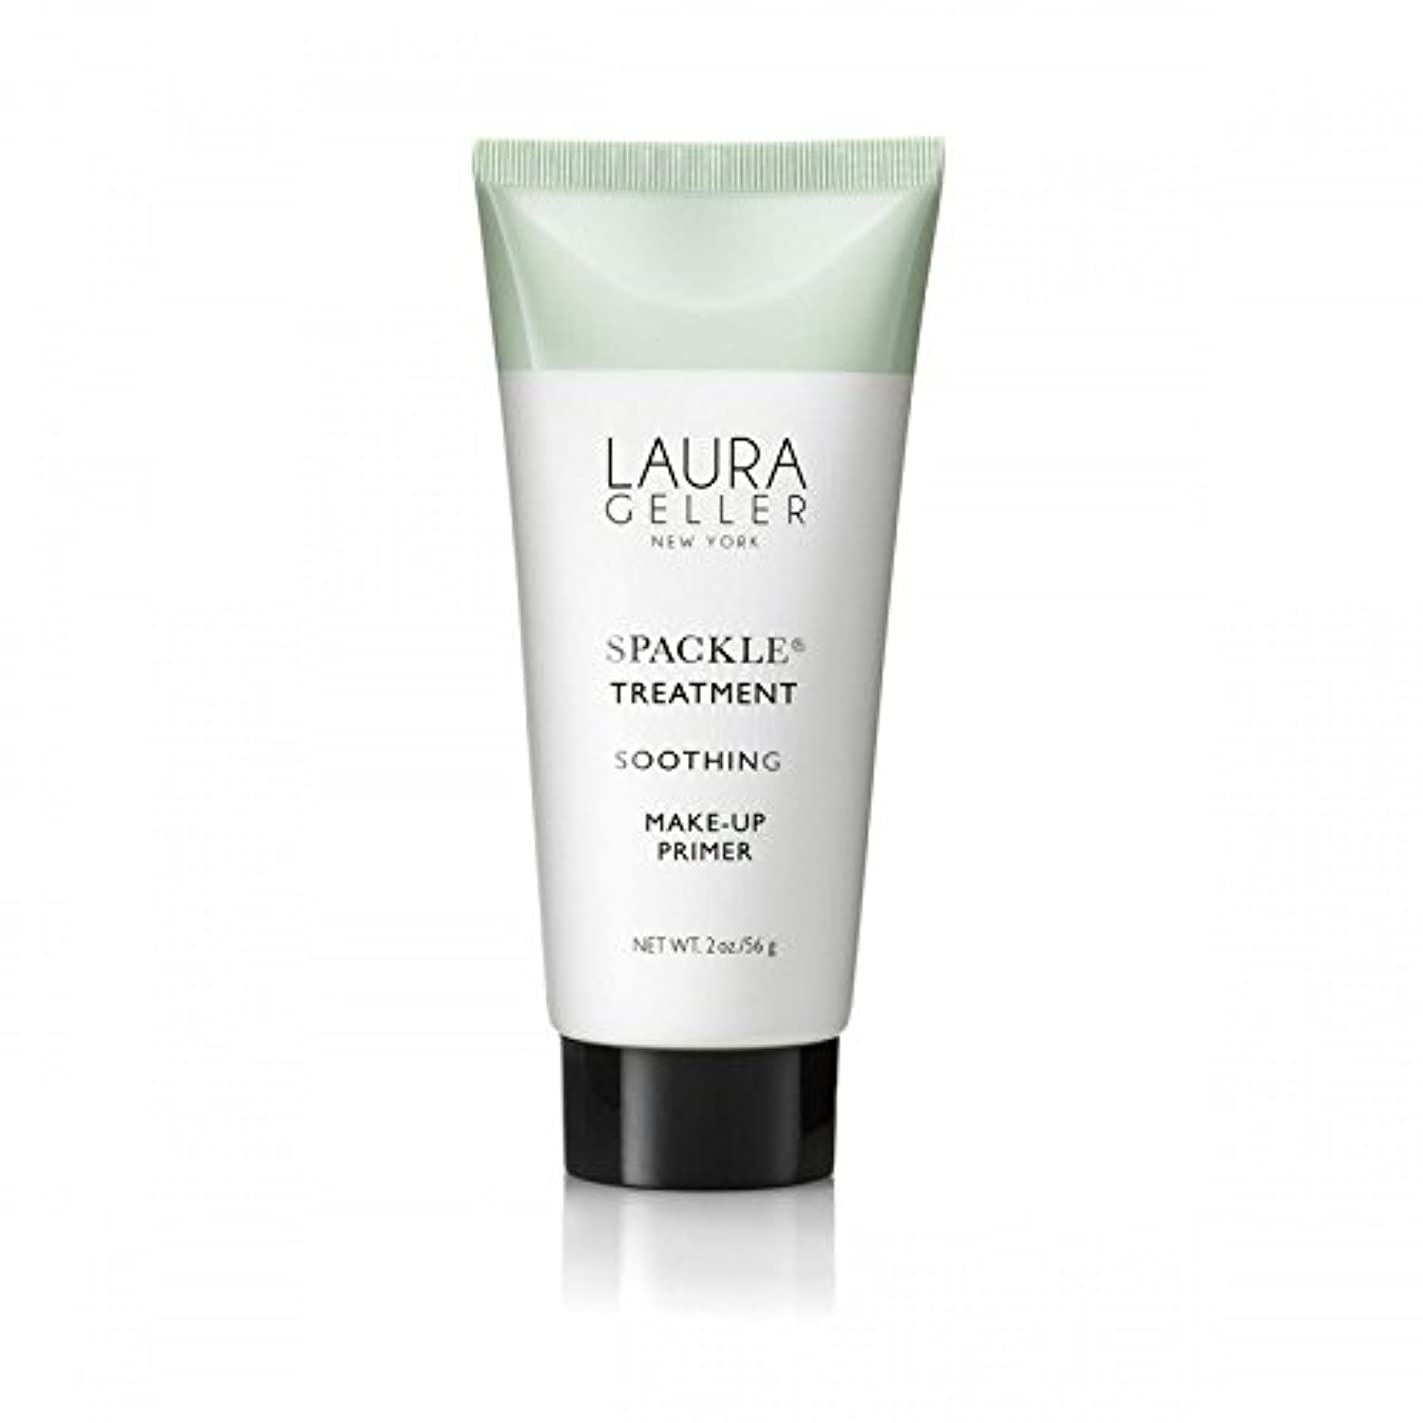 妥協子供達敬意を表してLaura Geller Spackle Treatment Under Make-Up Primer Soothing (Pack of 6) - メイクアッププライマー癒しの下のローラ?ゲラー 処理 x6 [並行輸入品]